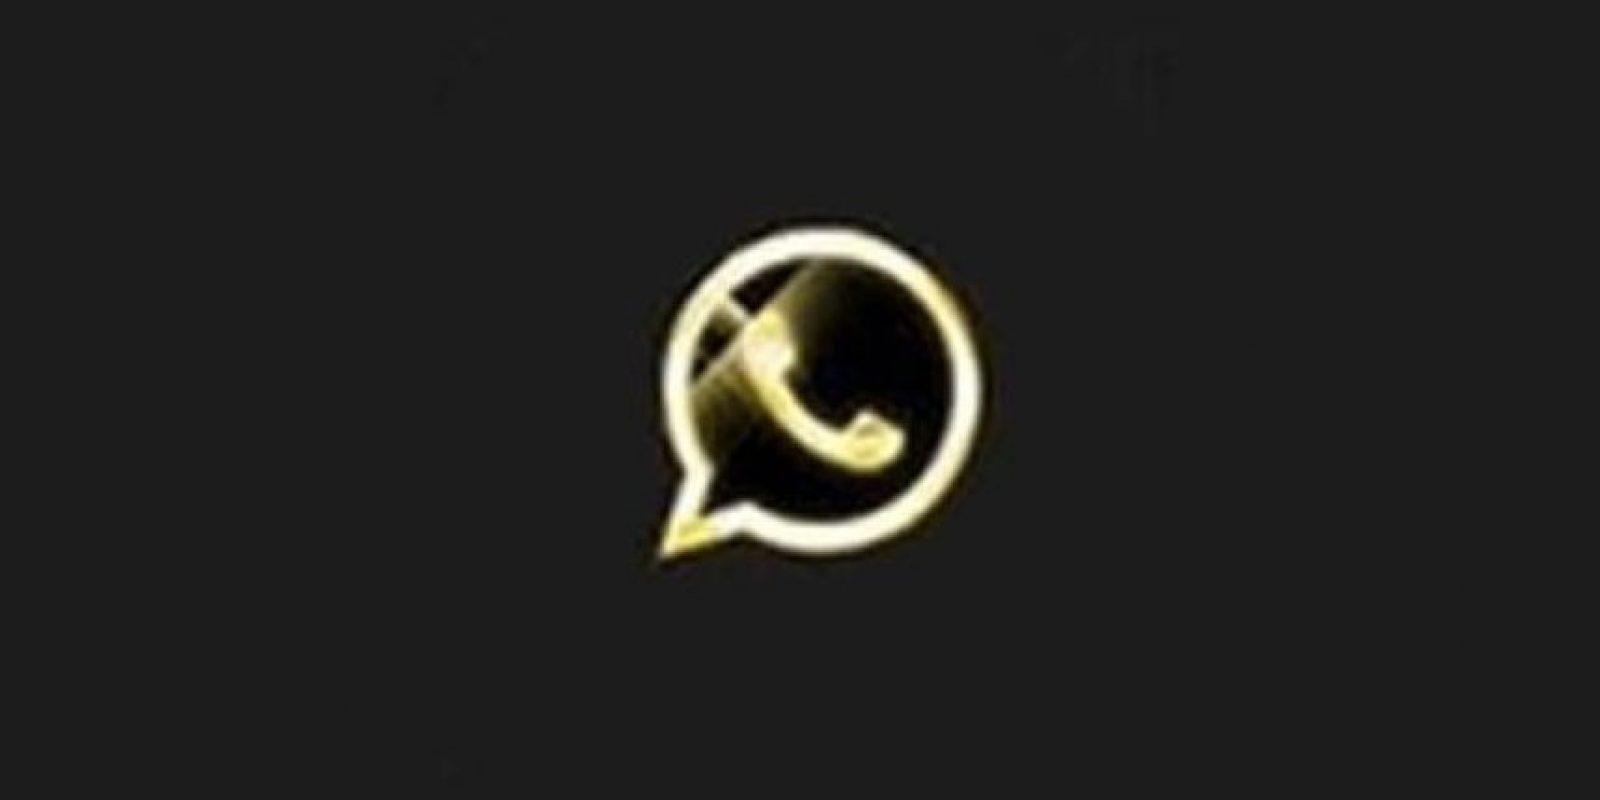 Ofrece una versión exclusiva de la app con supuestas mejoras, pero al activar su número telefónico, reciben mensajes que les cuestan hasta 30 dólares mensuales. Foto:Twitter